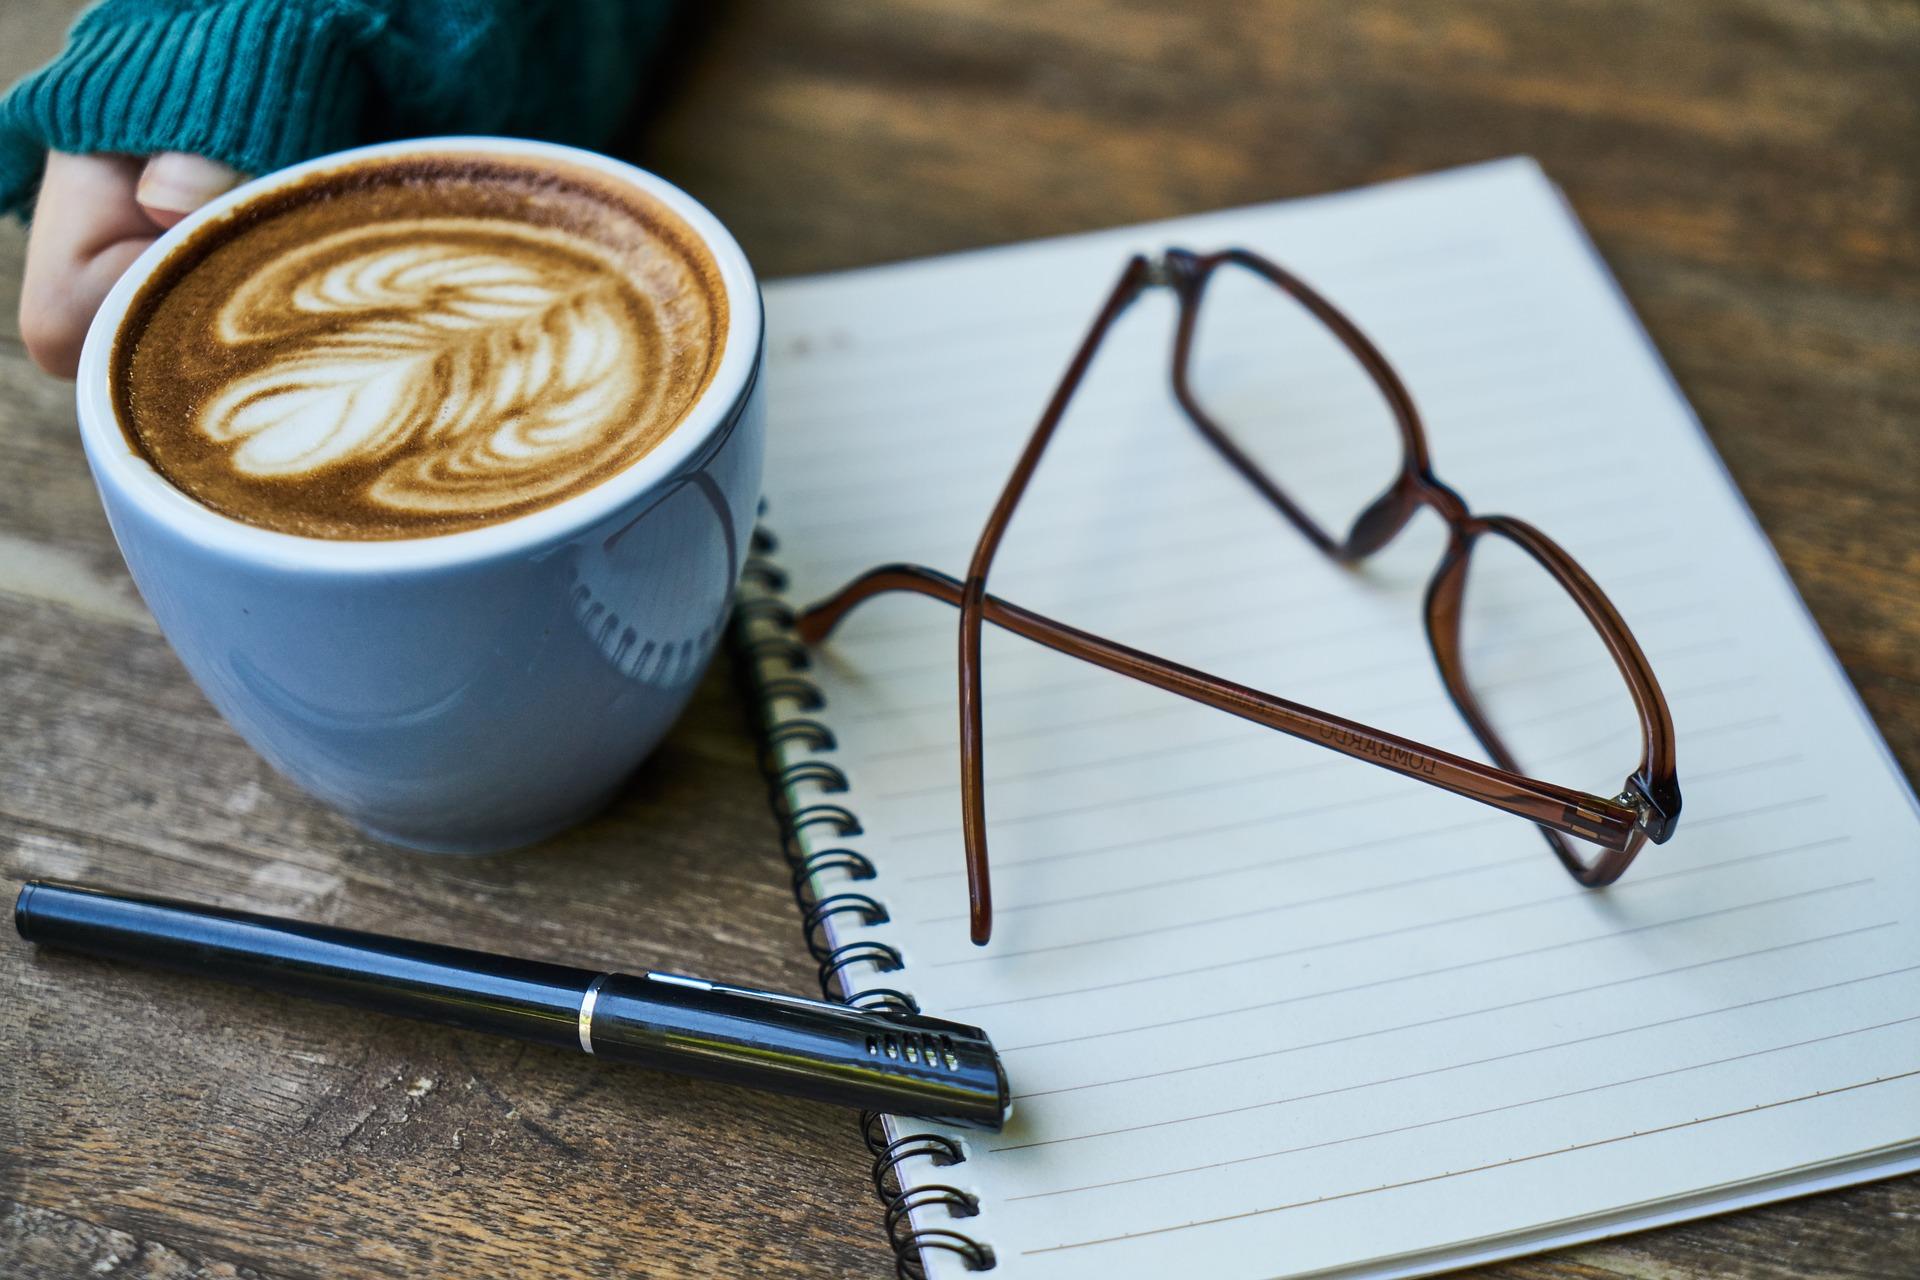 carnet, lunettes et crayon